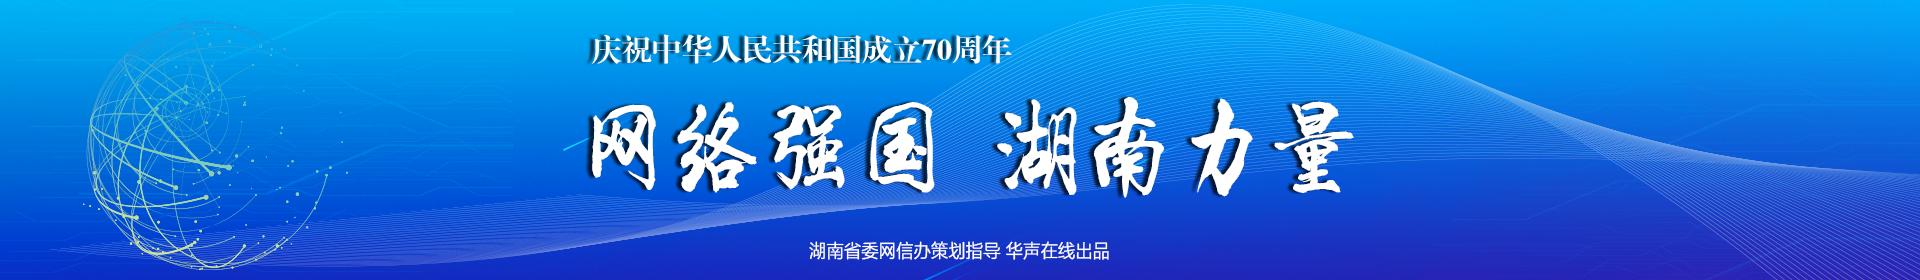 网络强国 湖南力量